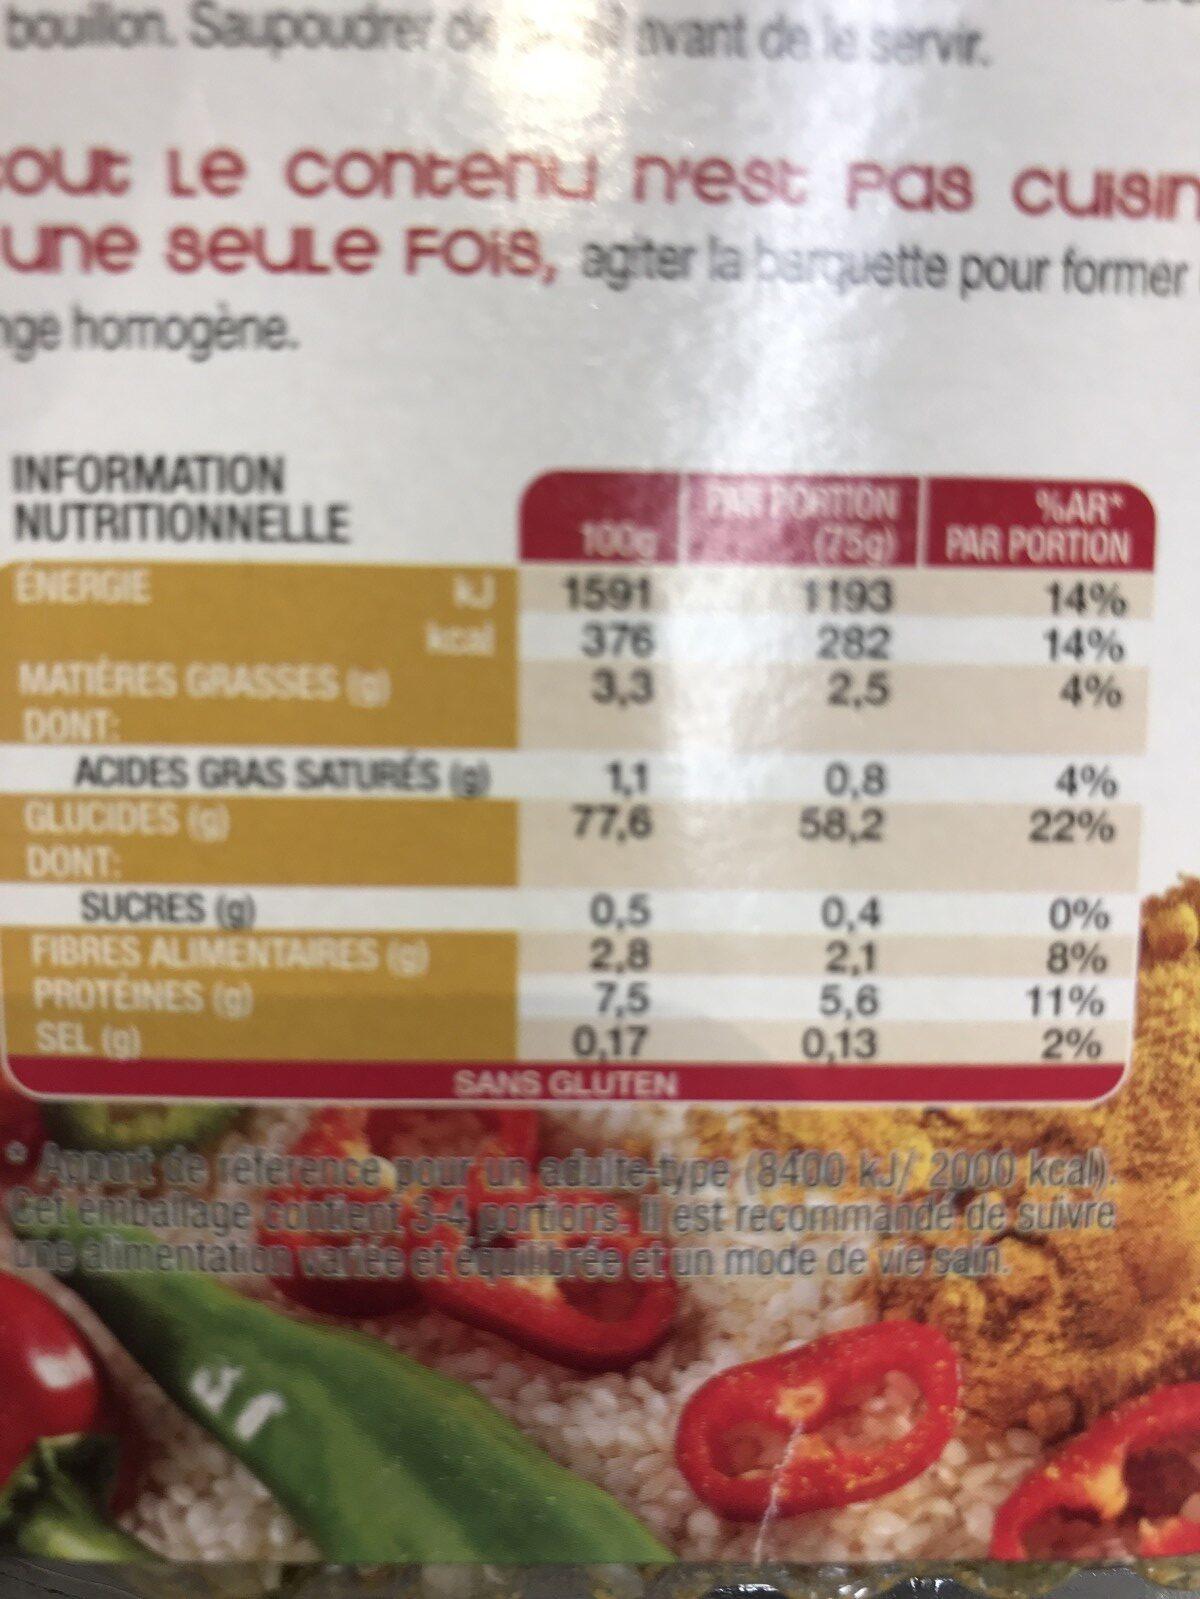 Risotto al curry - Ingrédients - fr